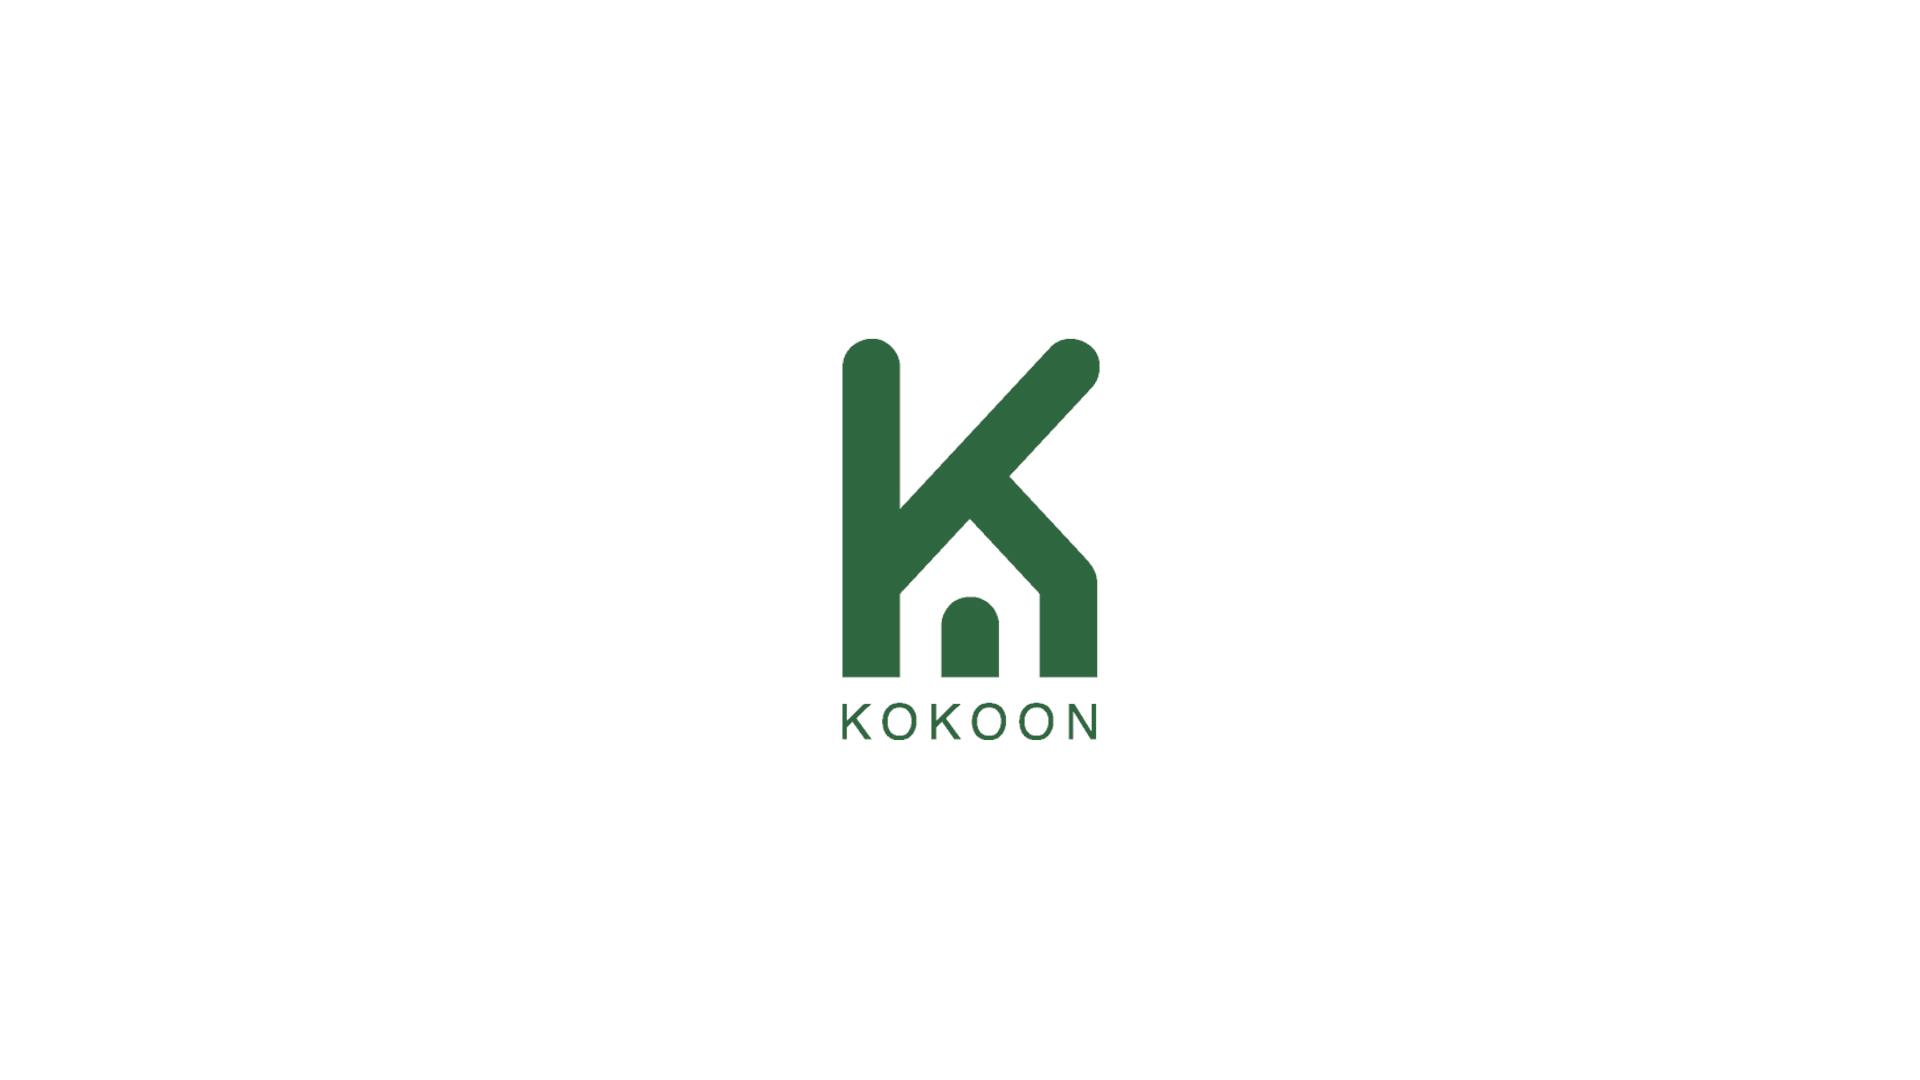 Pourquoi le nouveau logo Kokoon a-t-il vu le jour ?